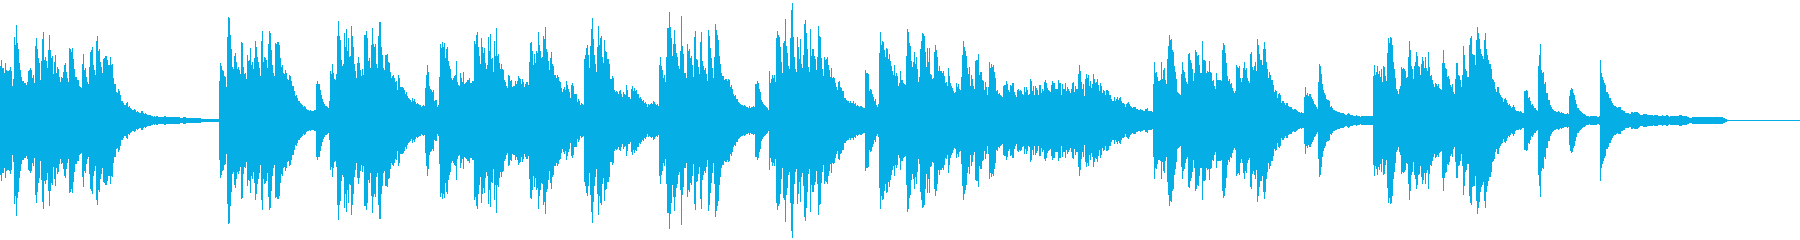 涼しげなピアノソロの再生済みの波形